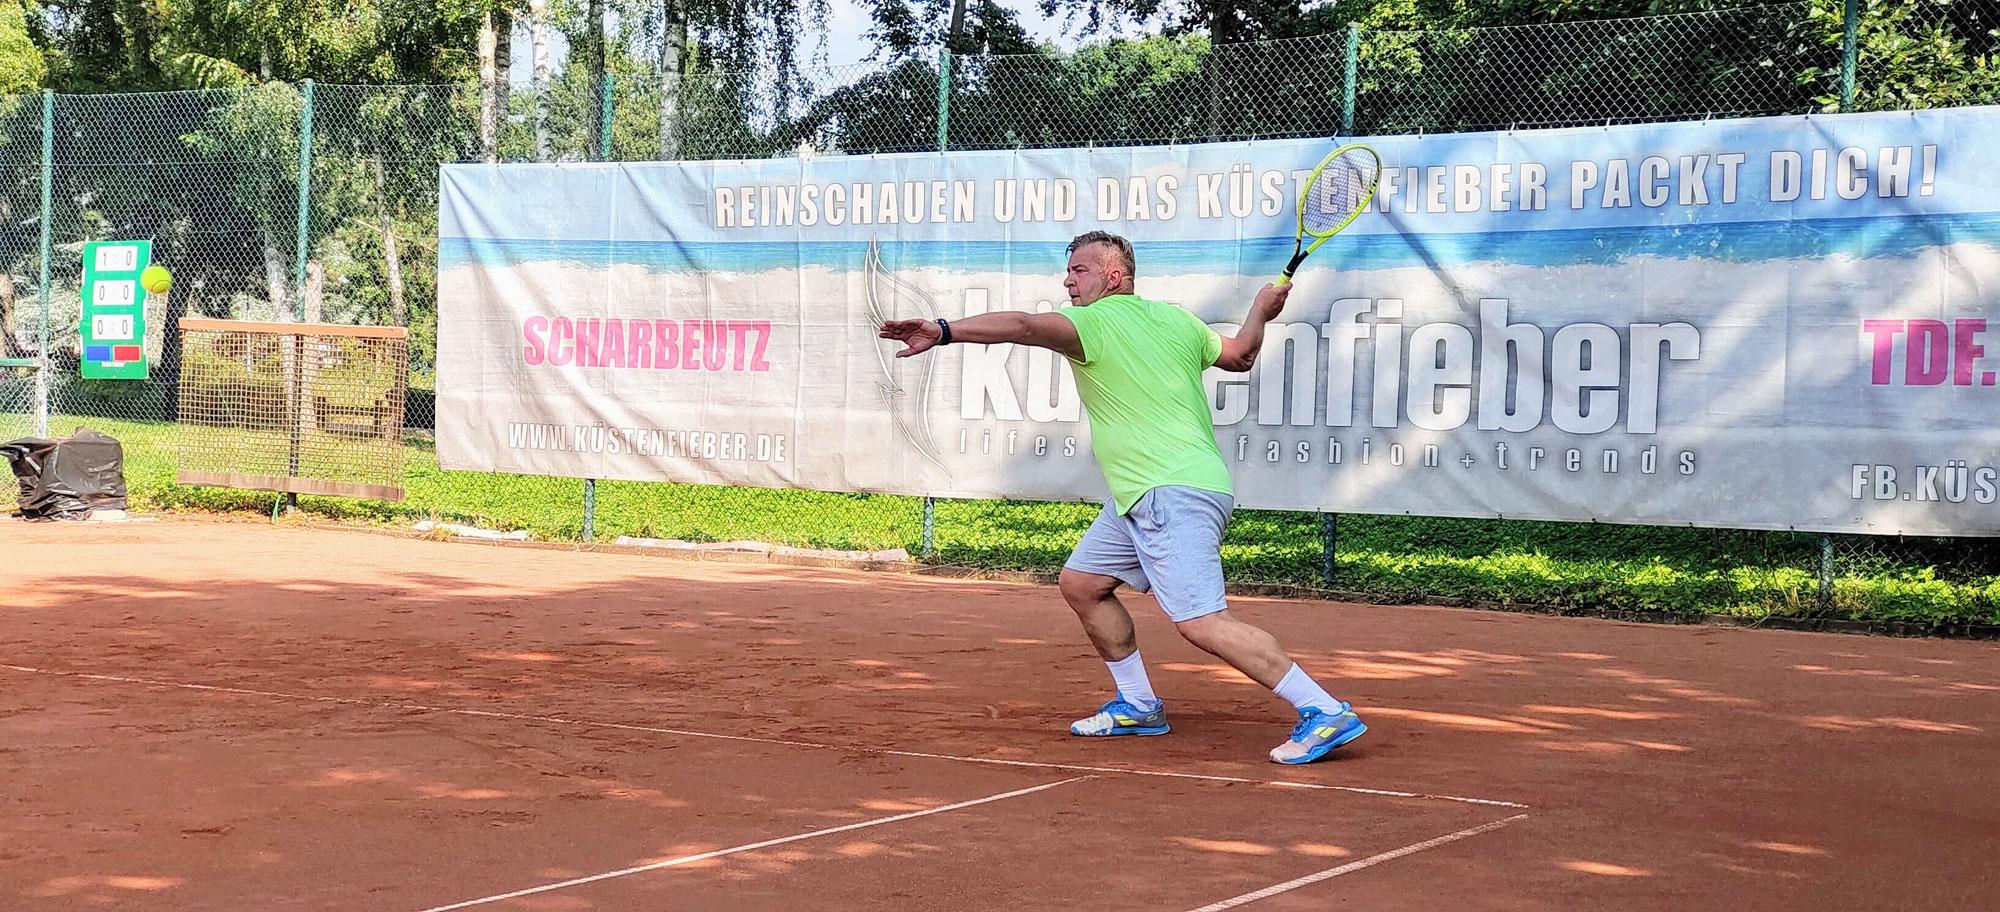 58. Scharbeutz Open 2021  Samstag 1. Turniertag Ergebnisse ...